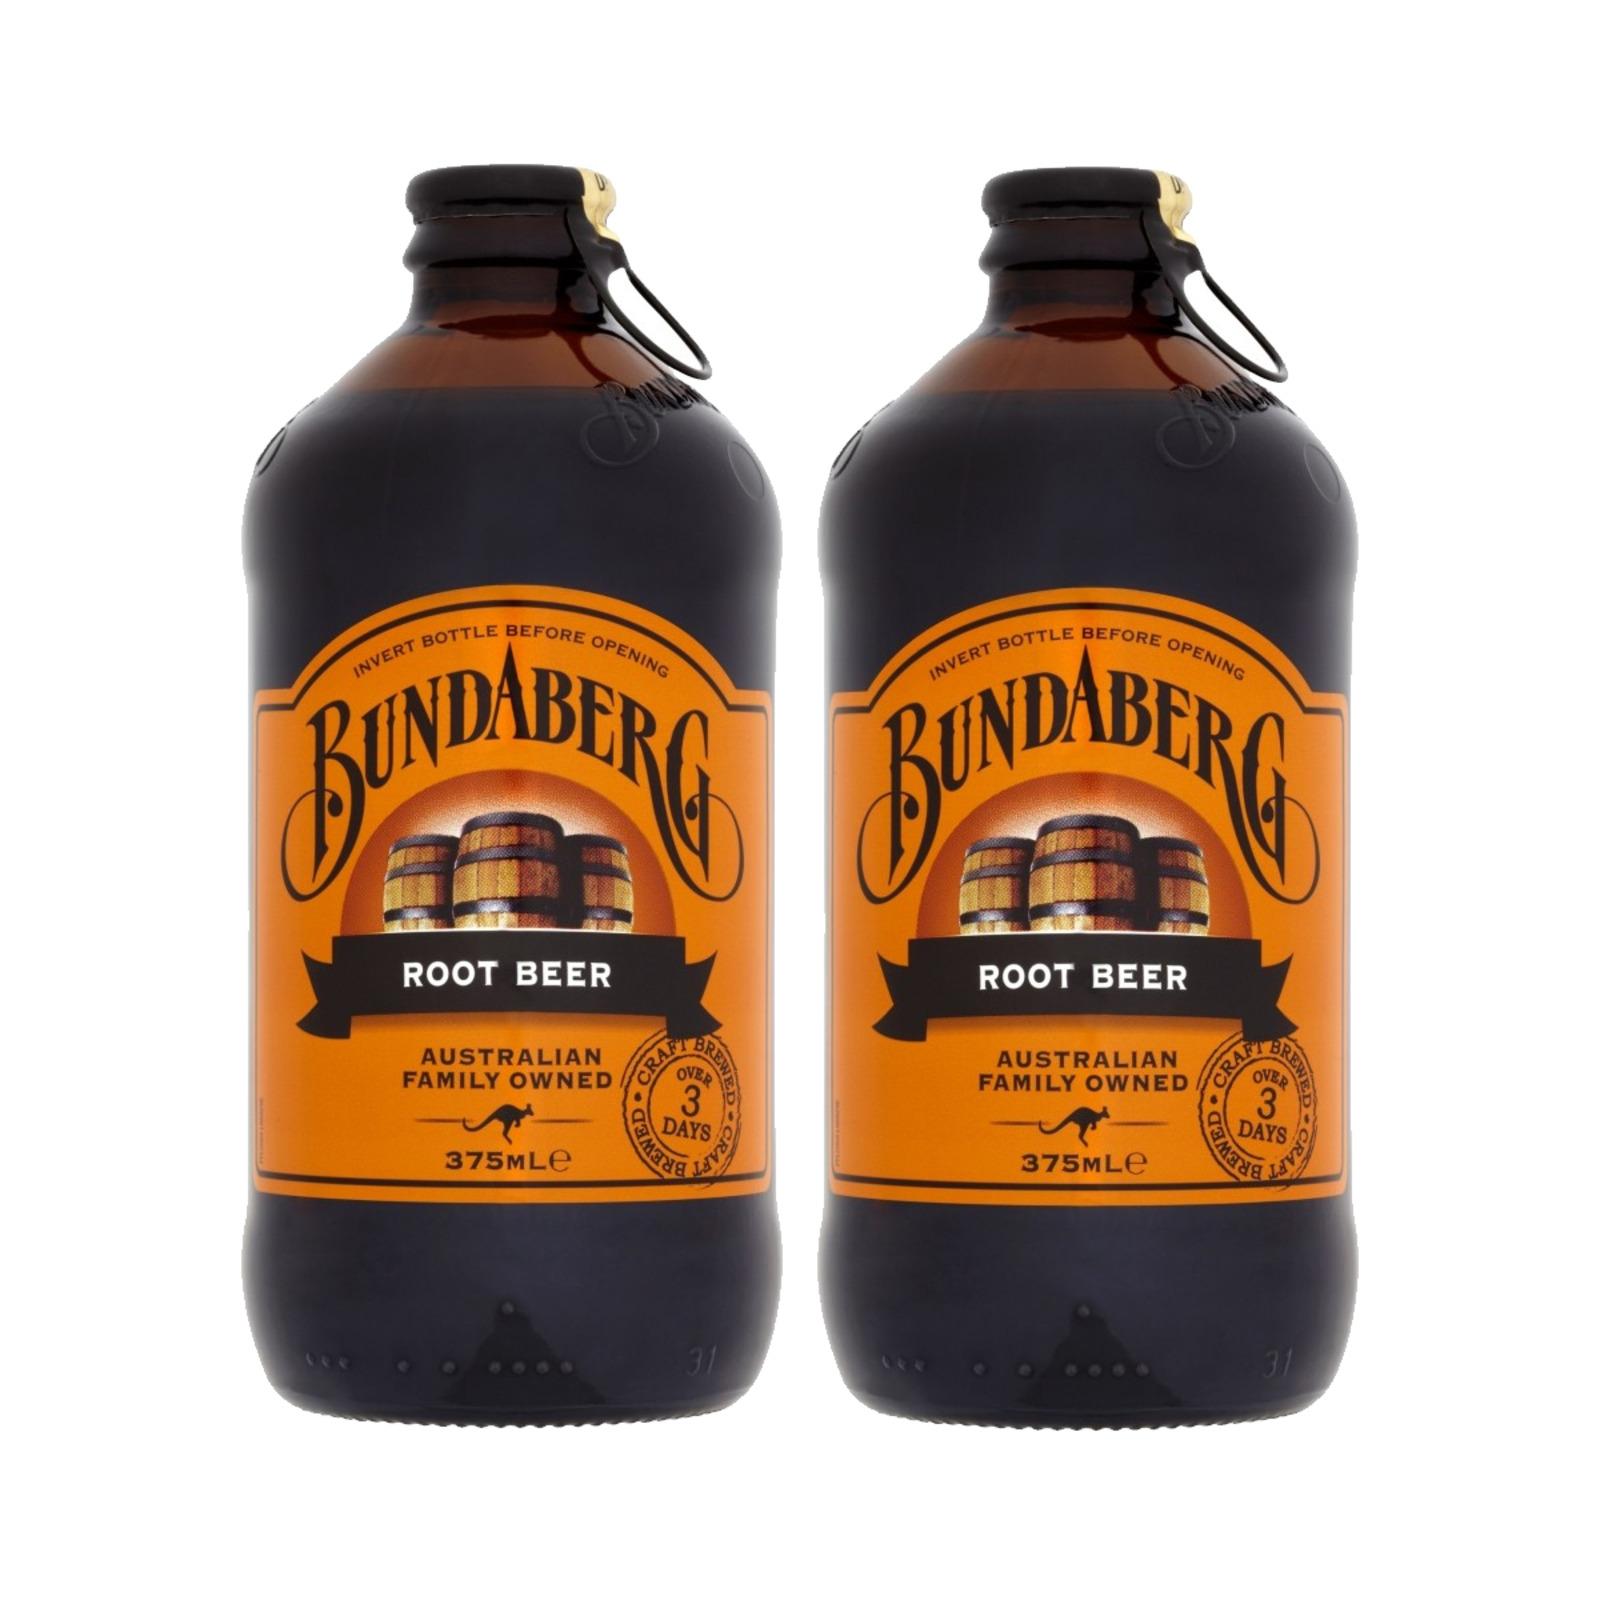 Bundaberg Root Beer Ntuc Fairprice